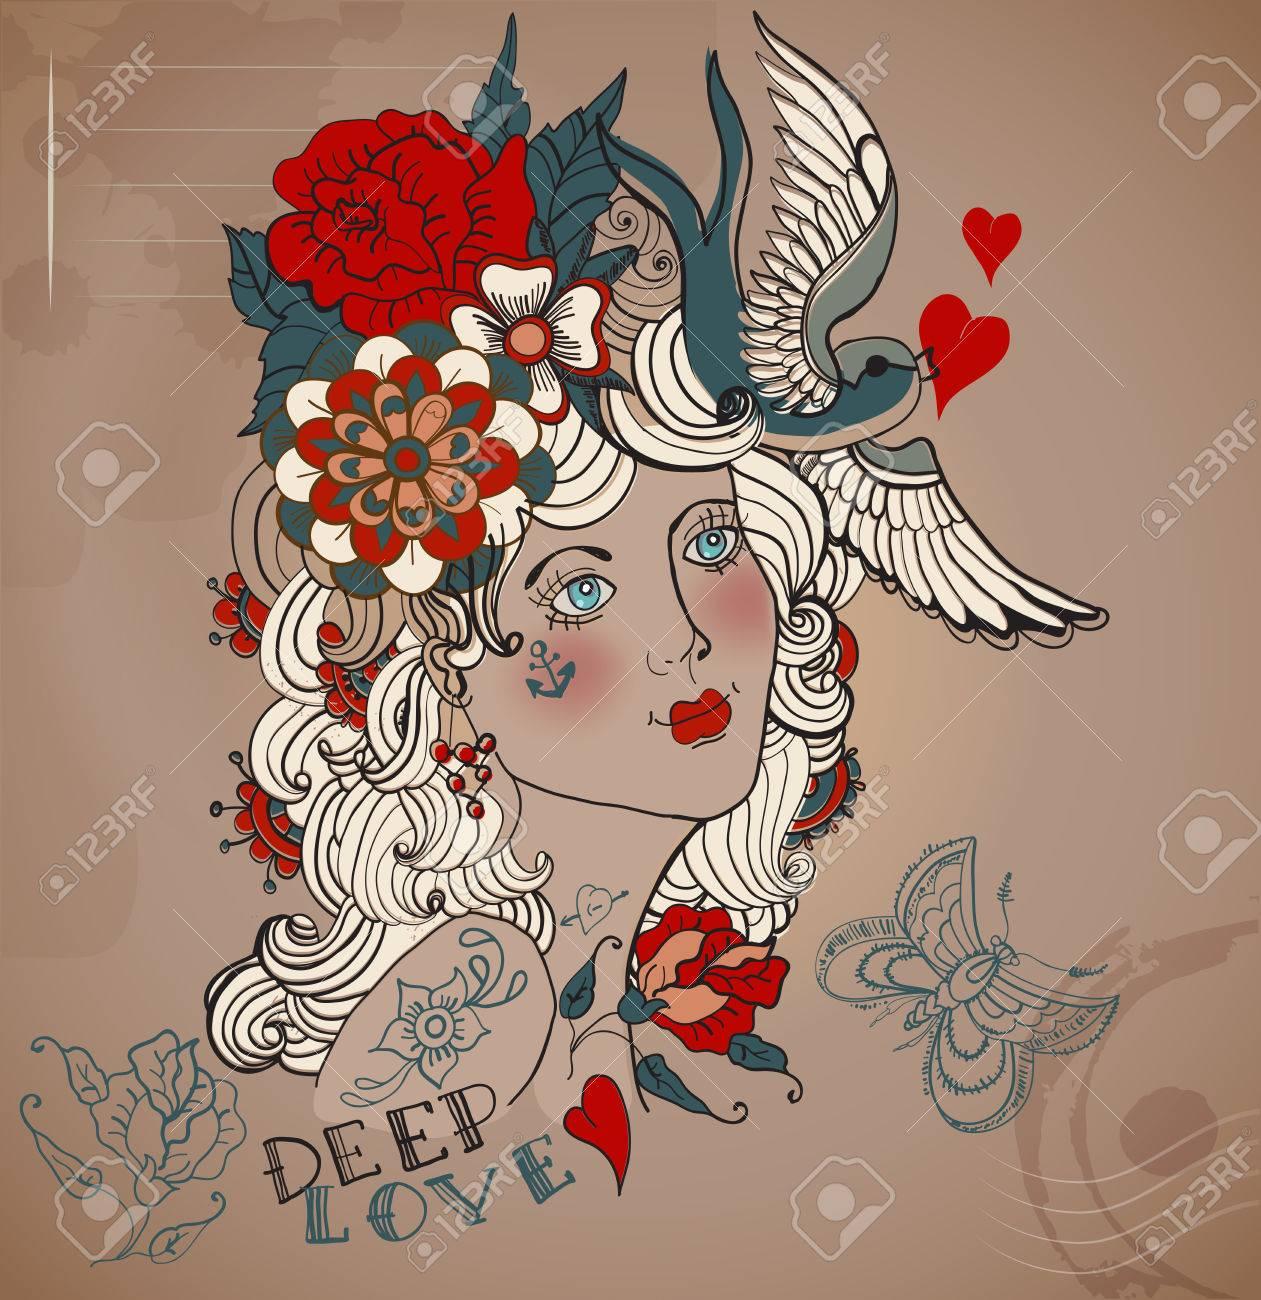 La Vieja Escuela Mujer Tatuaje Labrado Con Flores San Valentin Del